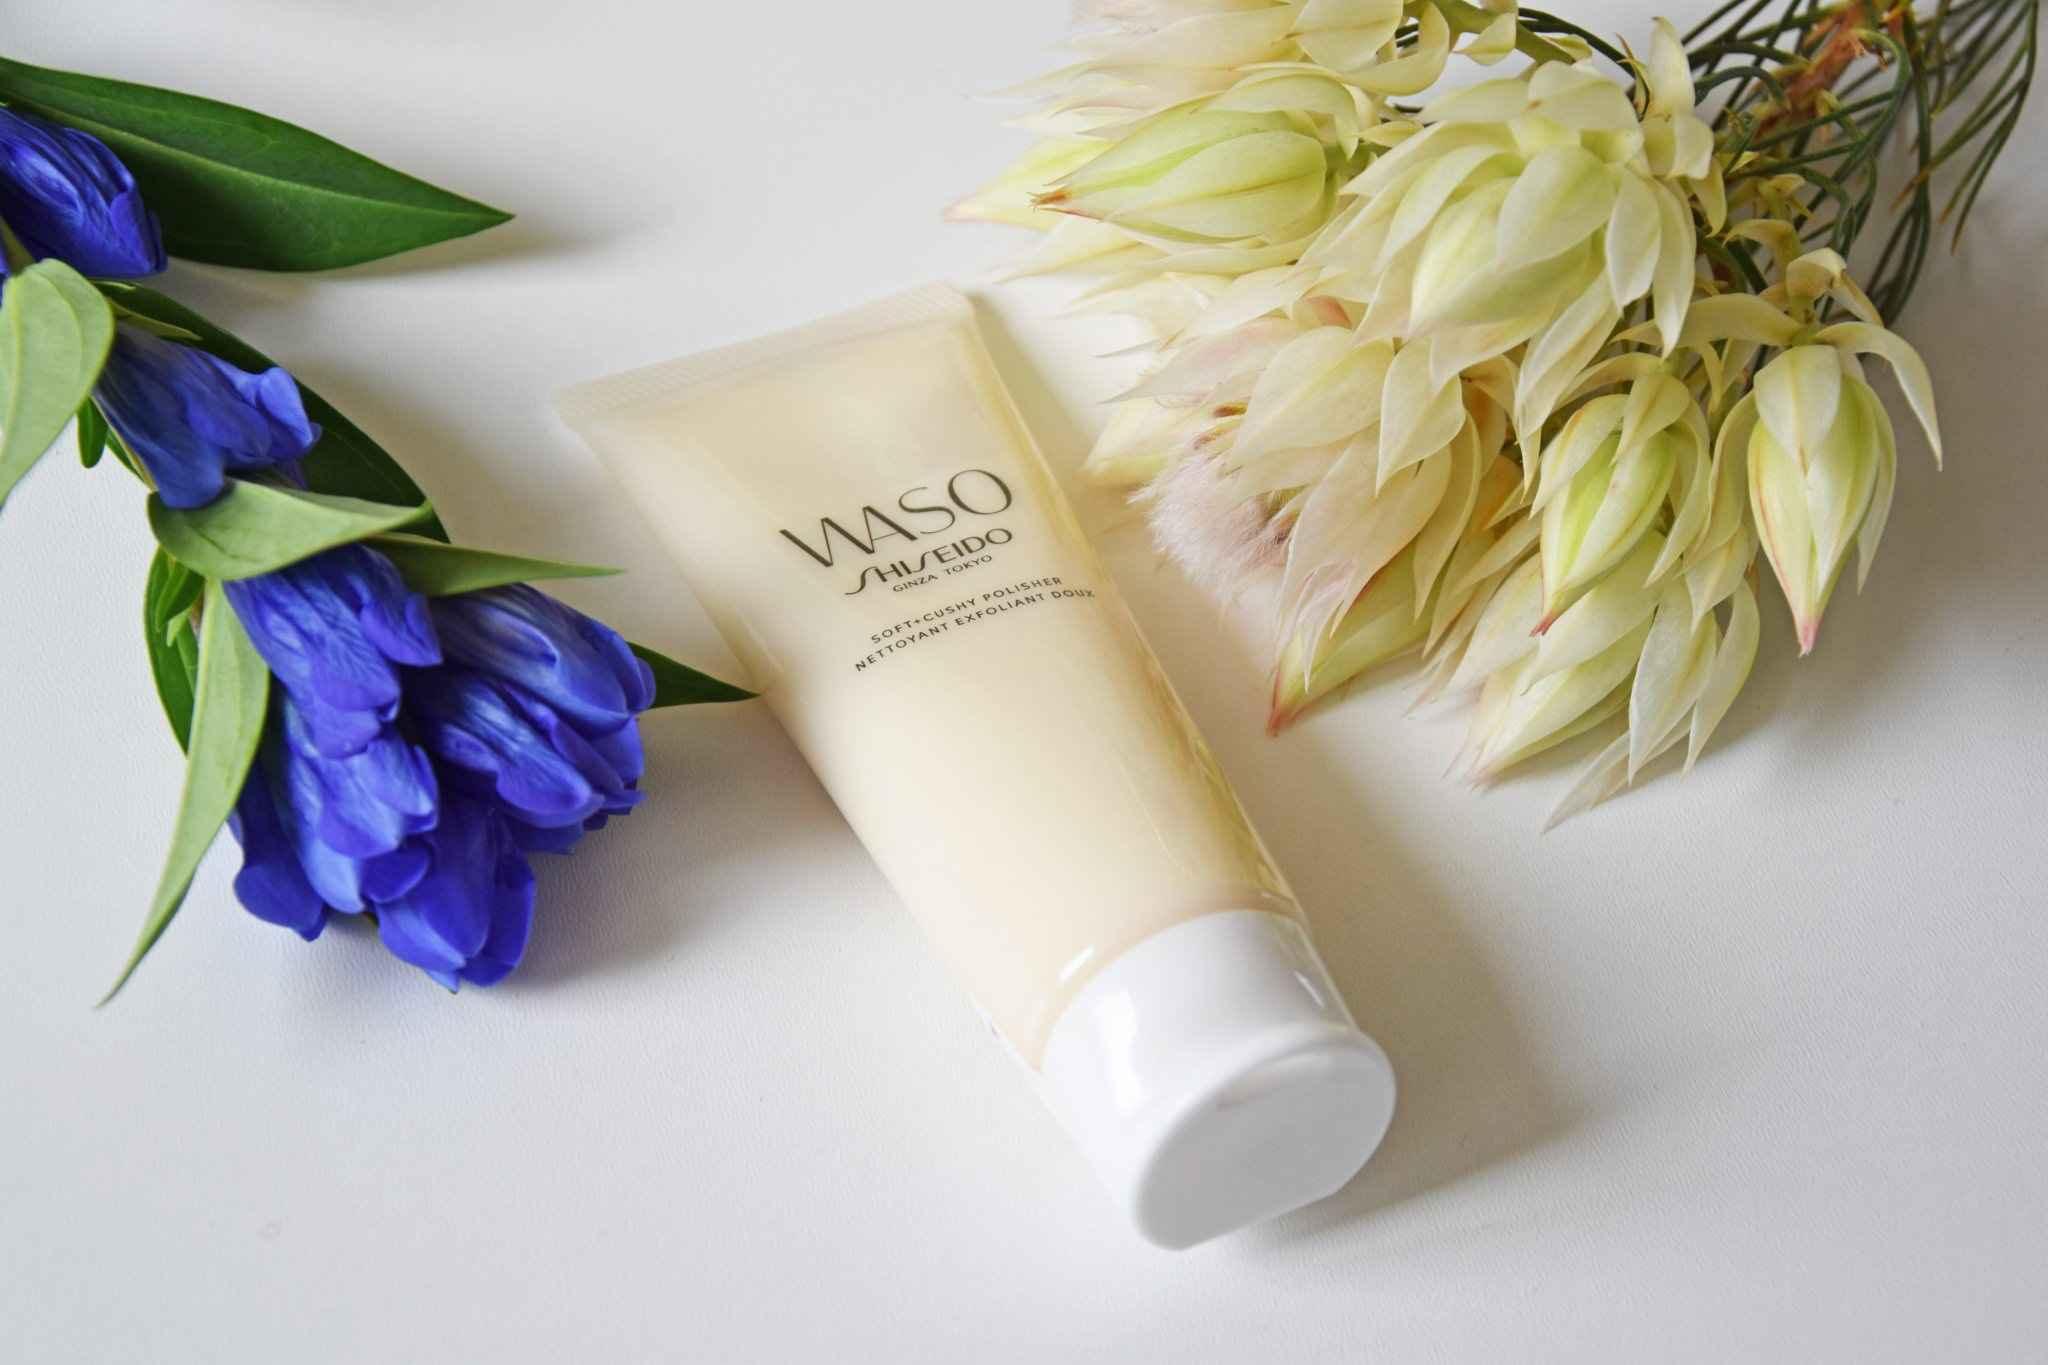 Shiseido - WASO:Soft+Cushy Polisher